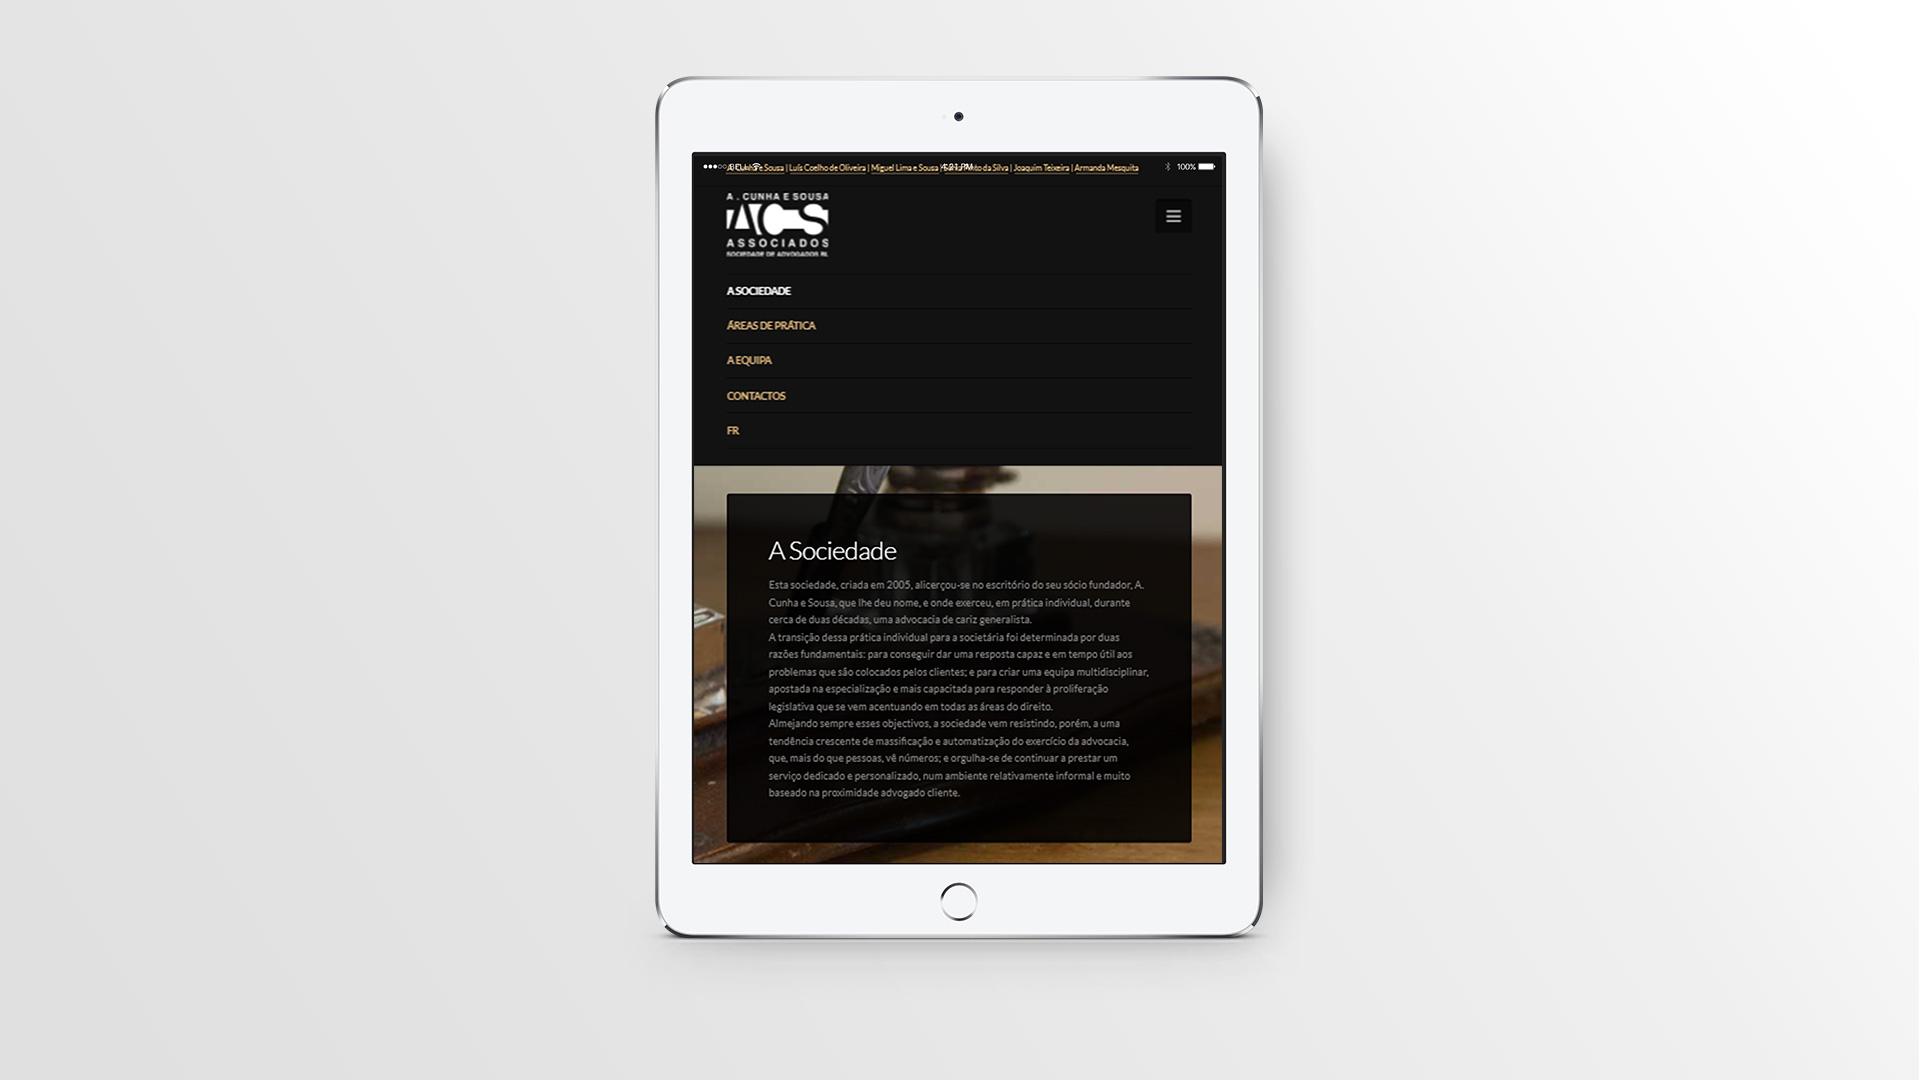 advogados-tablet-responsive design-formulário-web design